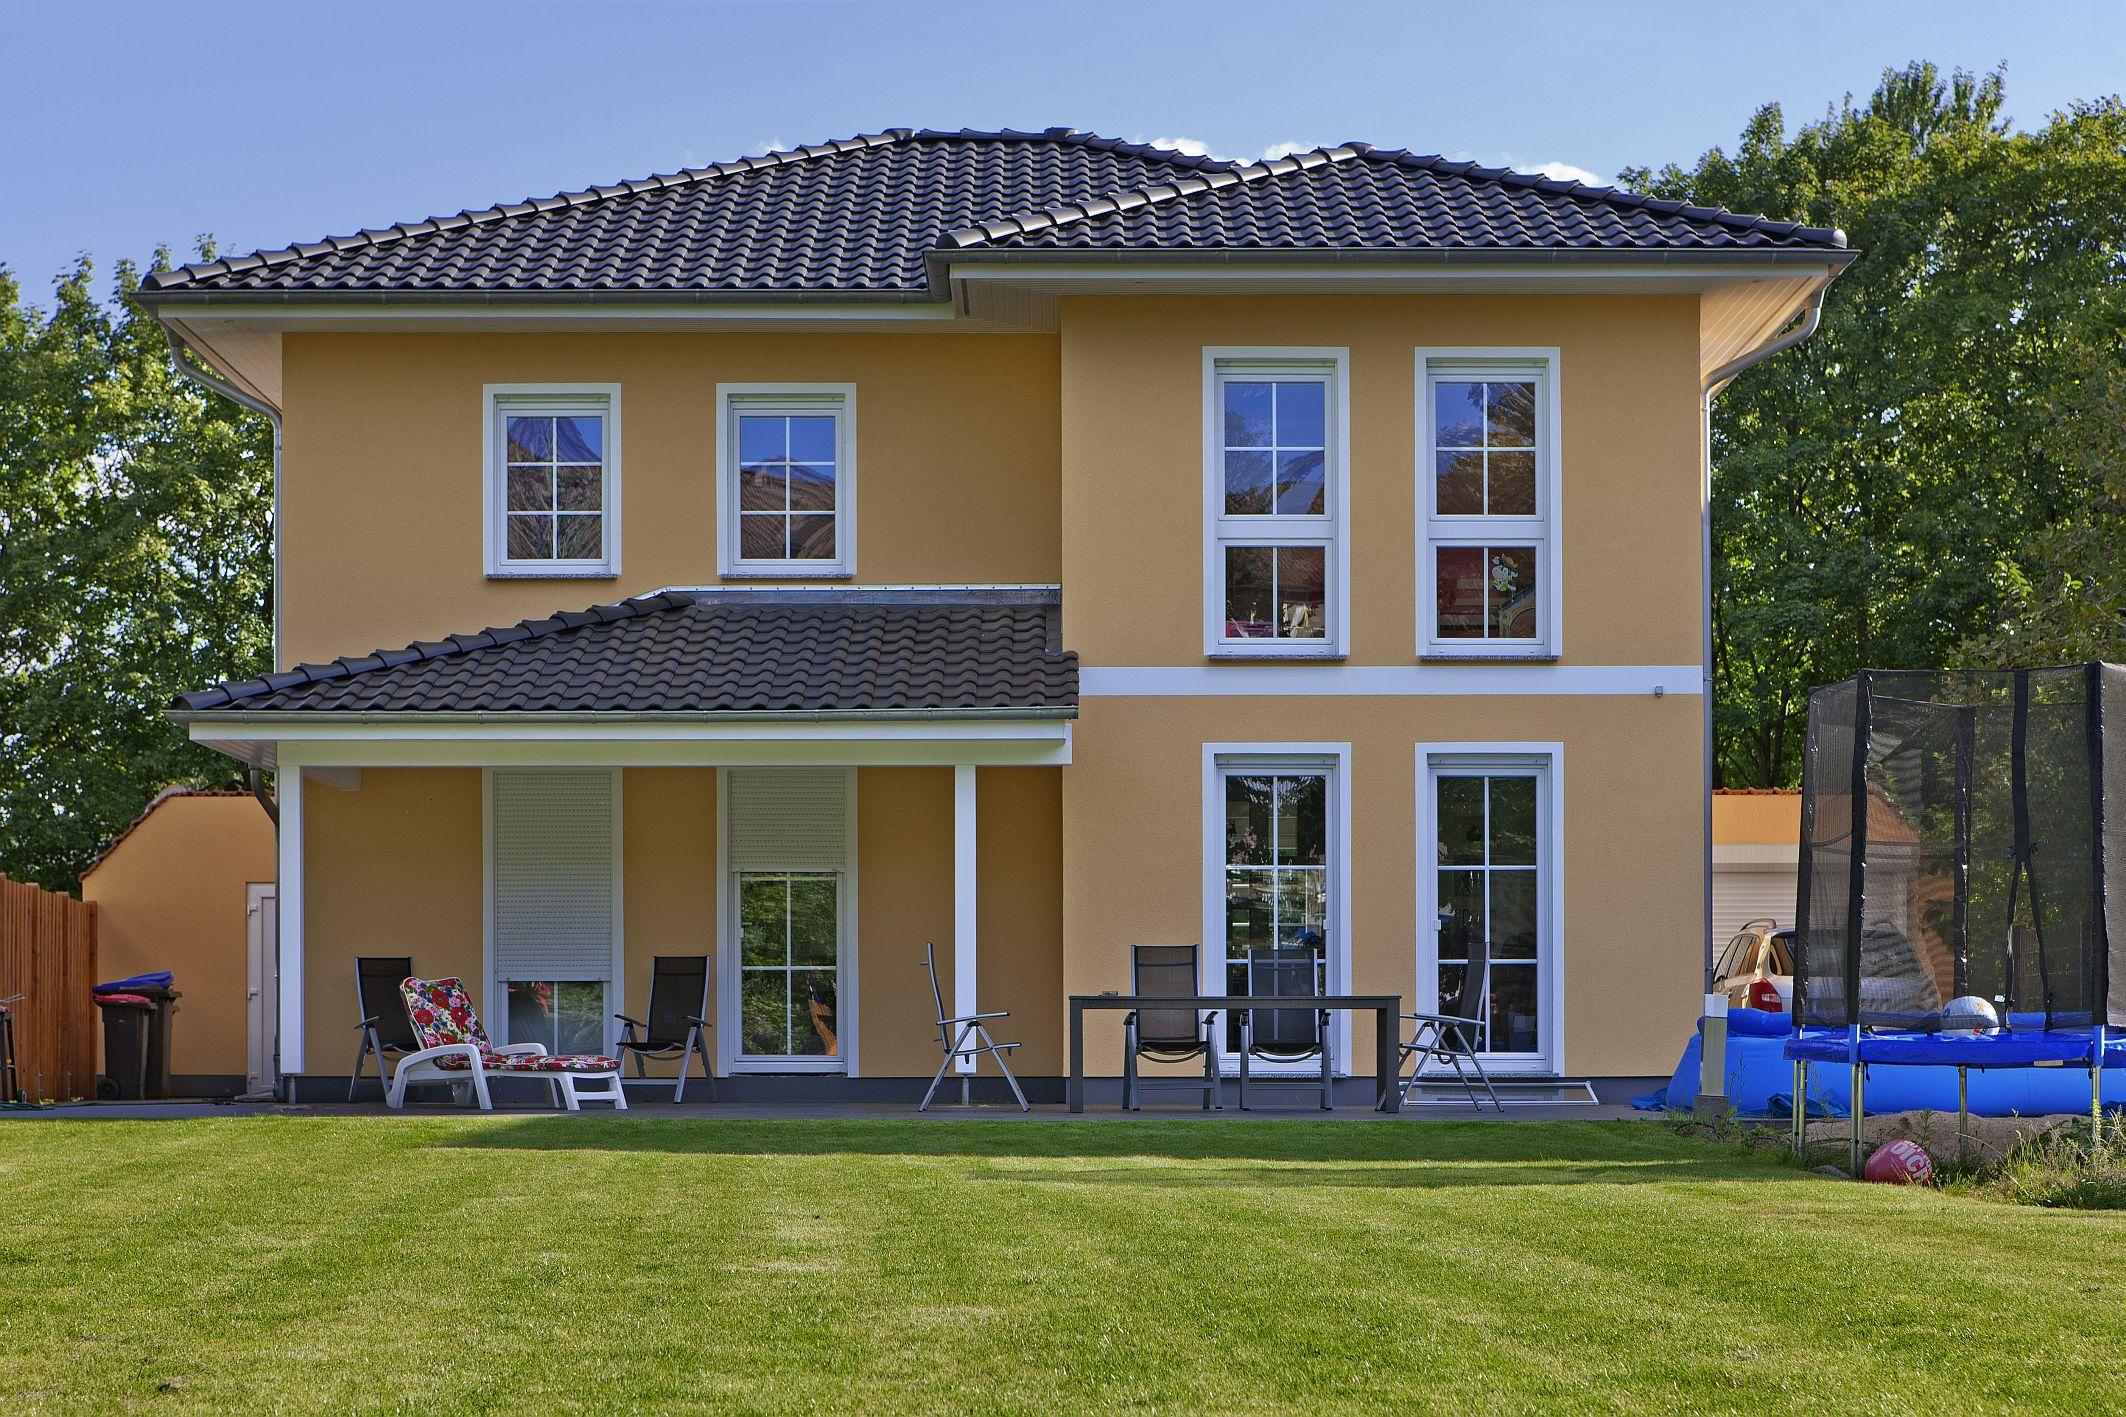 charmante villa verona zu besichtigen hausbesichtigung am 11 12 august in 14624 dallgow d beritz. Black Bedroom Furniture Sets. Home Design Ideas